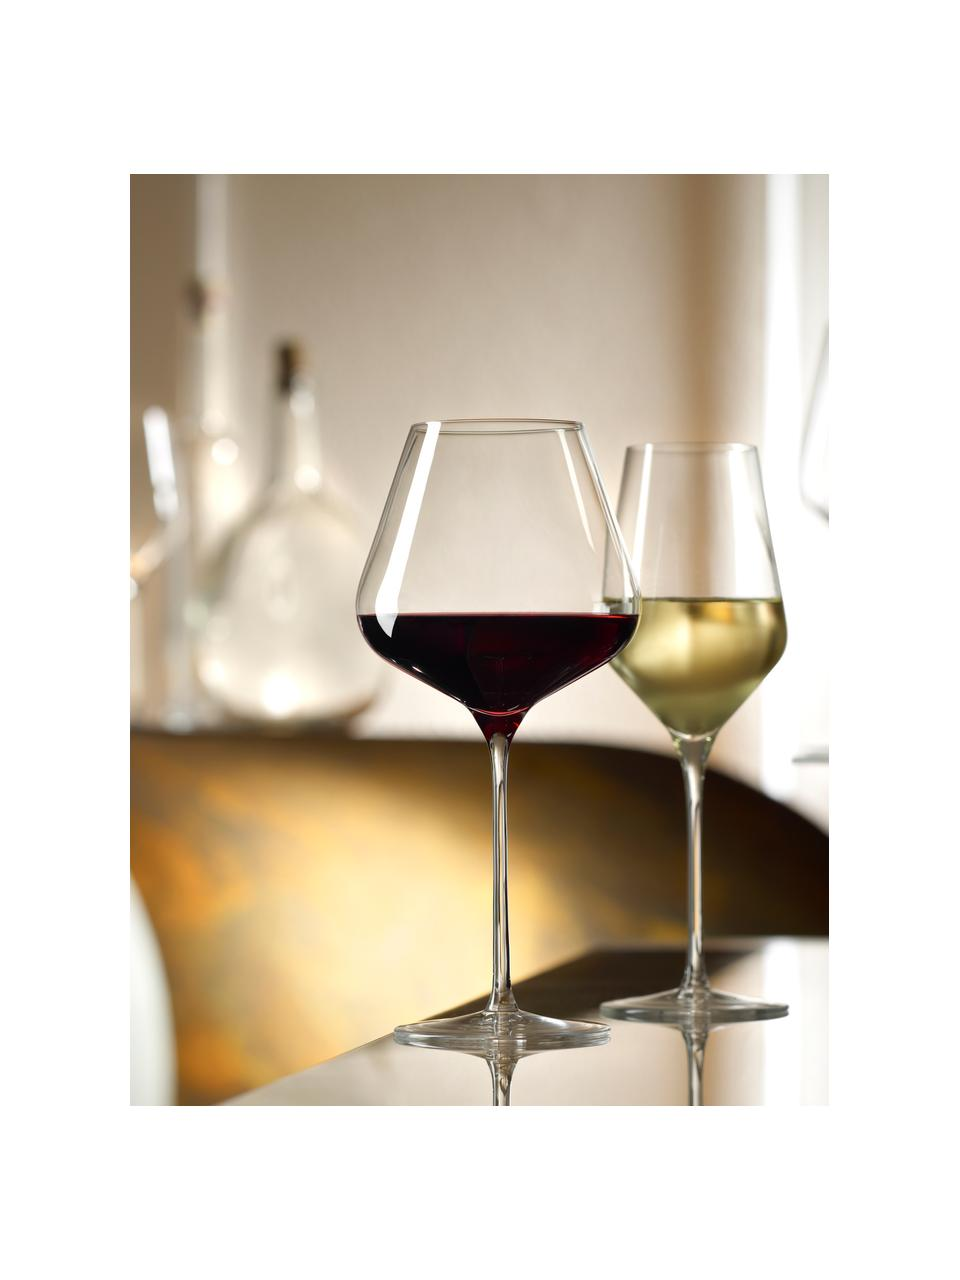 Kieliszek do białego wina ze szkła kryształowego Quatrophil, 6 szt., Szkło kryształowe, Transparentny, Ø 8 x W 25 cm